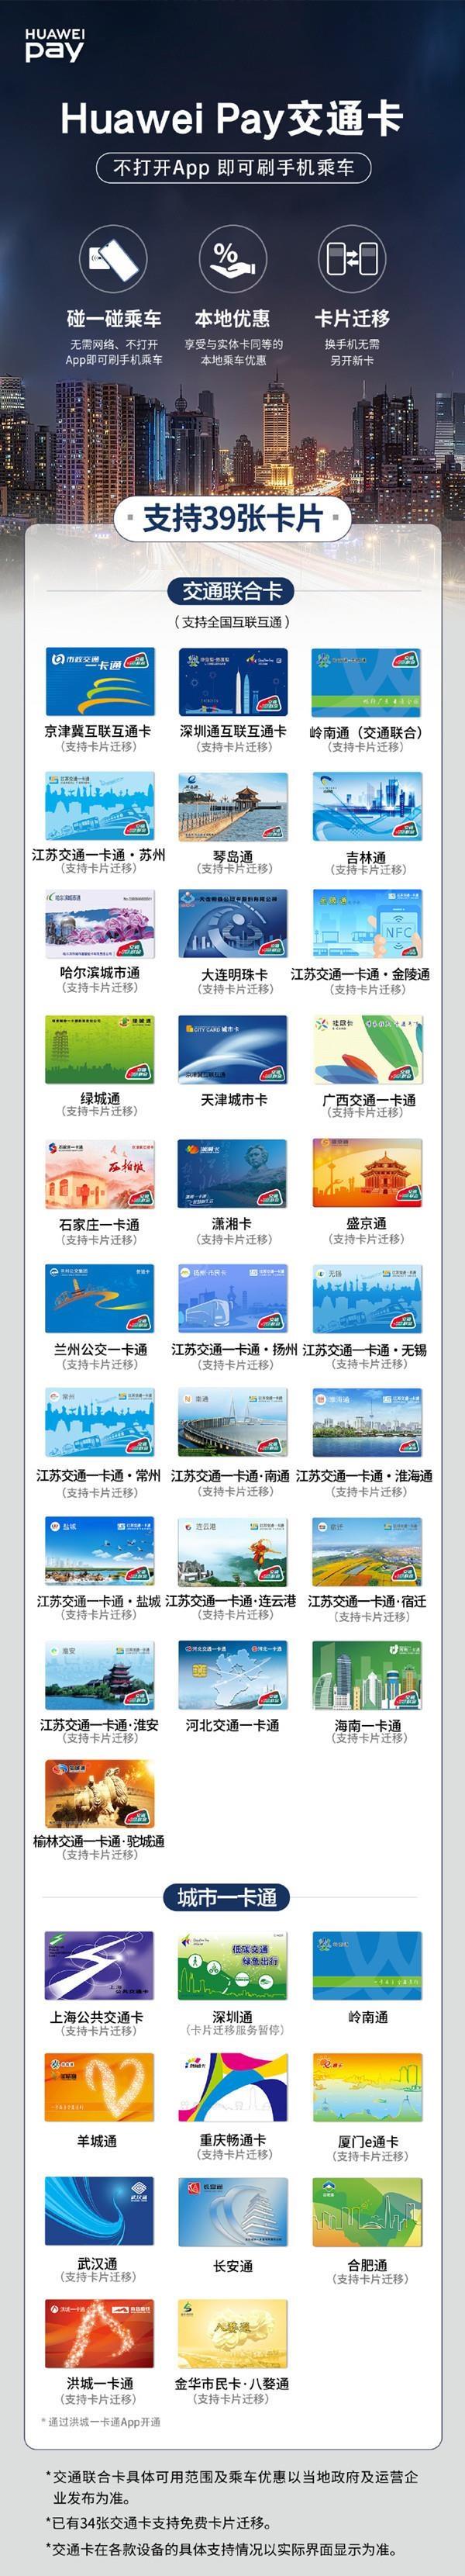 华为 Huawei Pay 新上线支持 6 个城市交通卡